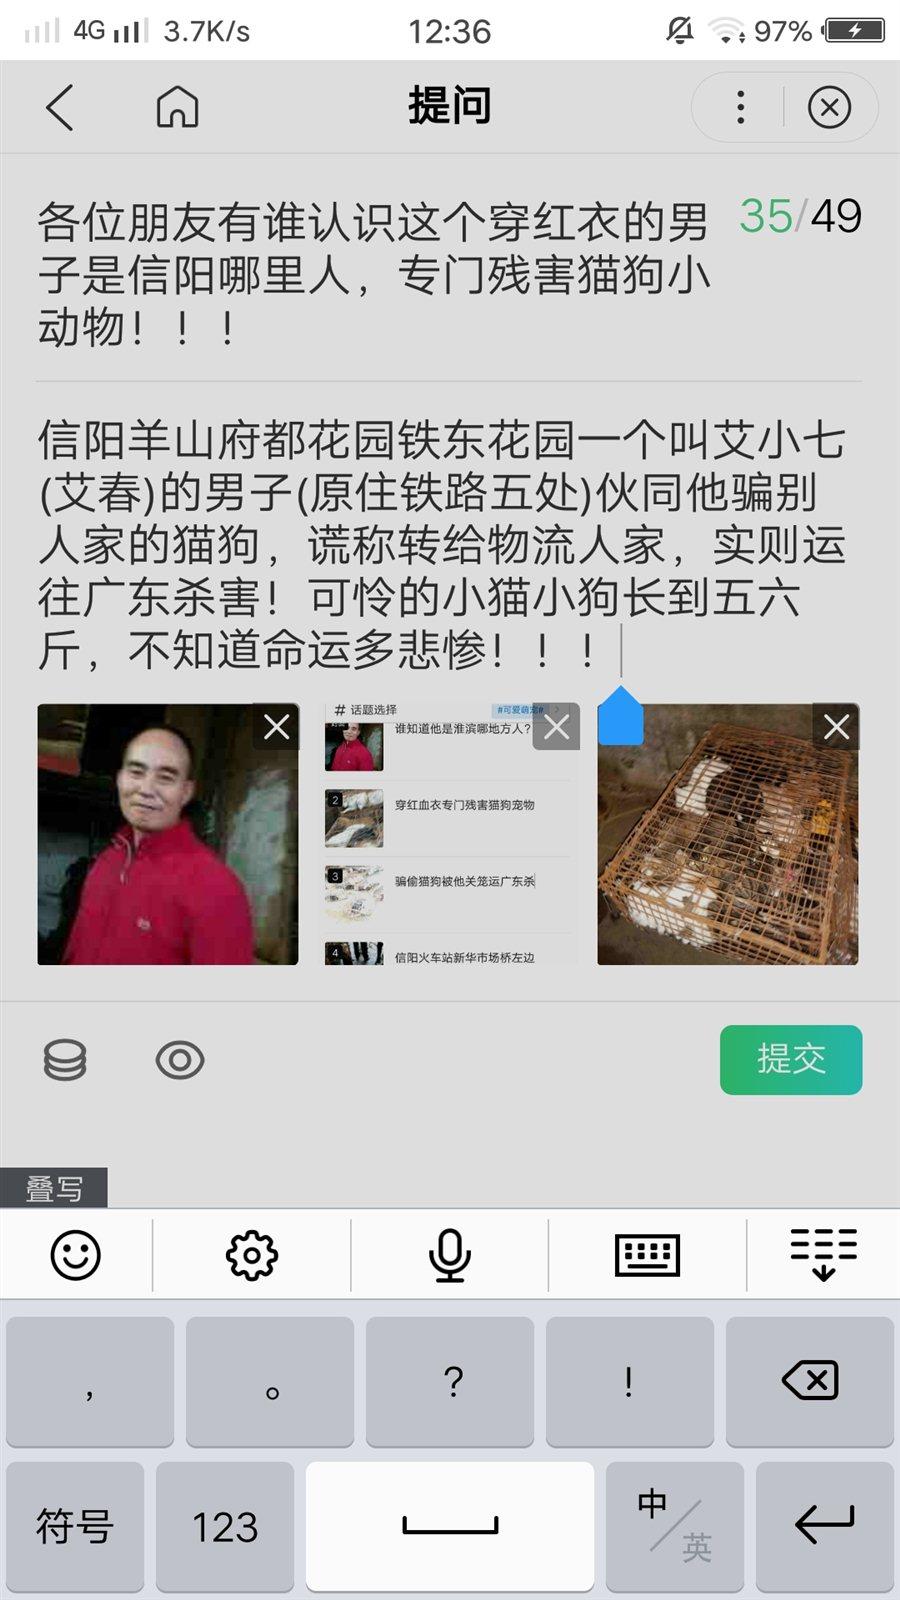 谁认识穿红衣男信阳火车站桥左专门残害猫狗